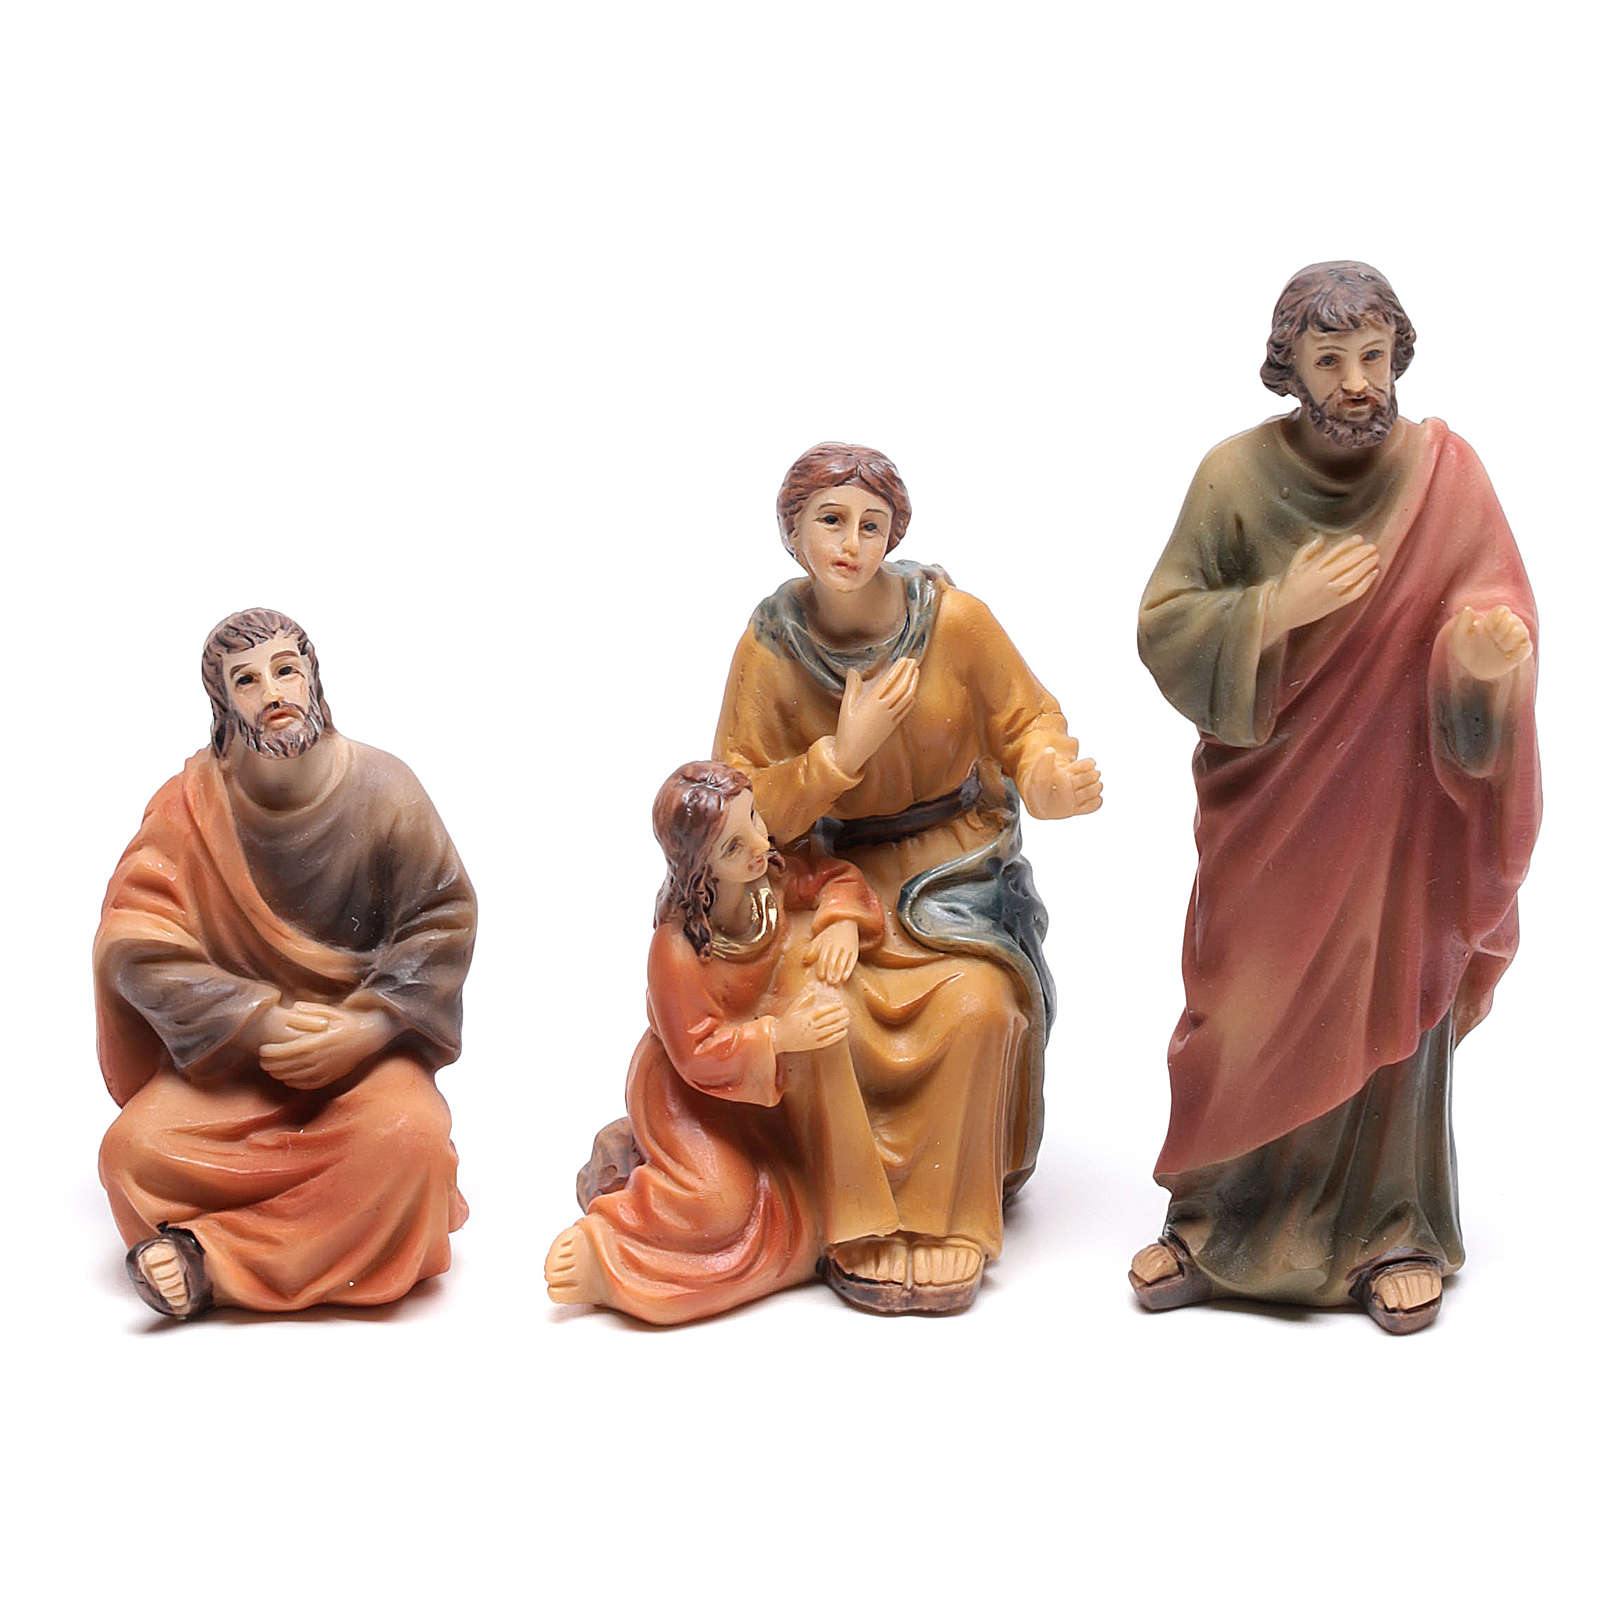 Escena del sermón de Jesús en el monte 9 cm 4